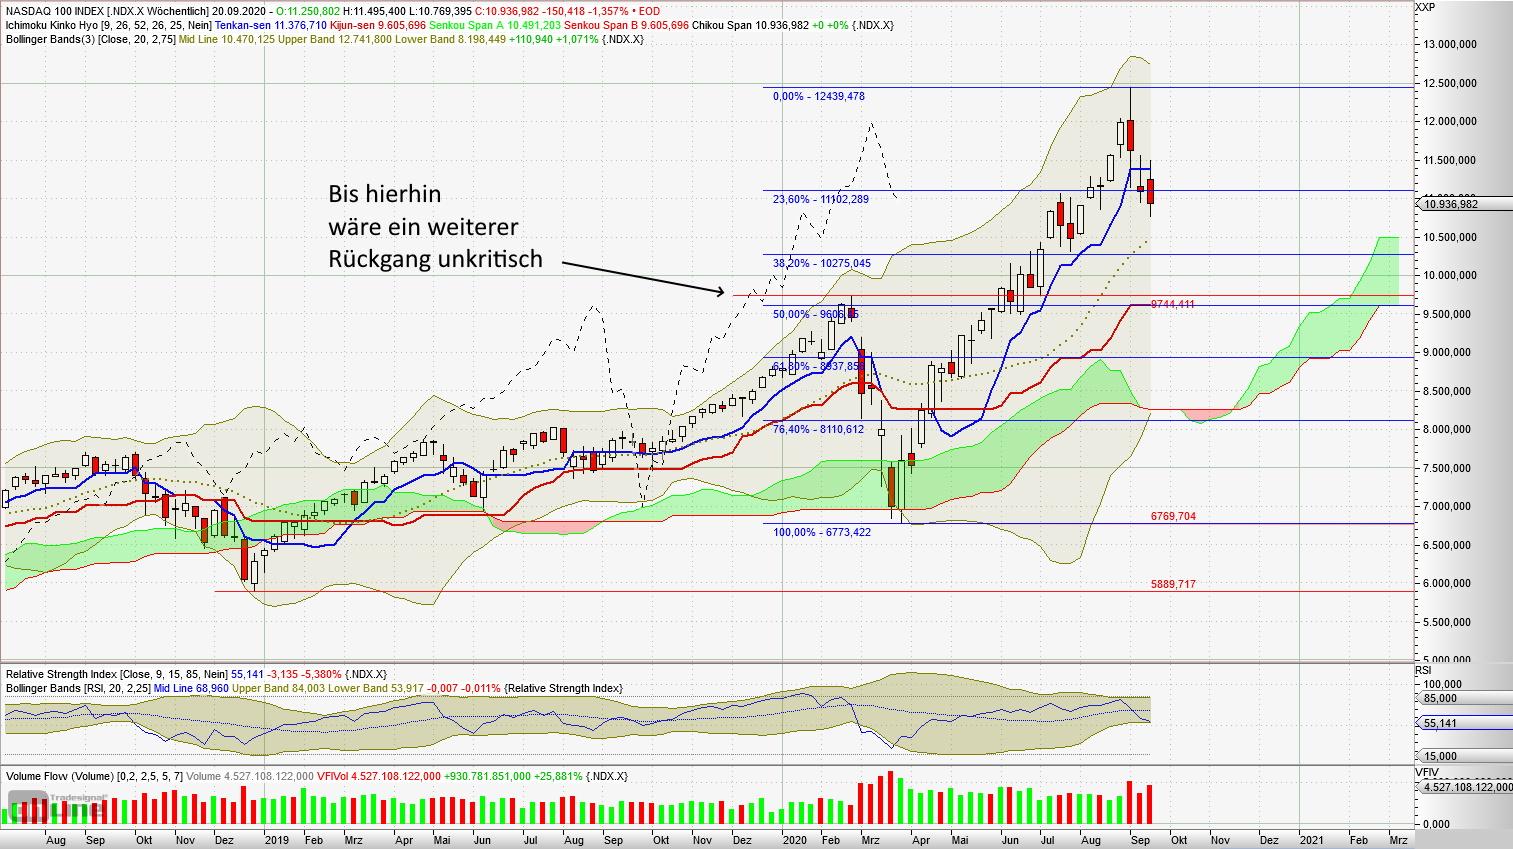 Korrektur der Technologie-Aktien - Nasdaq 100